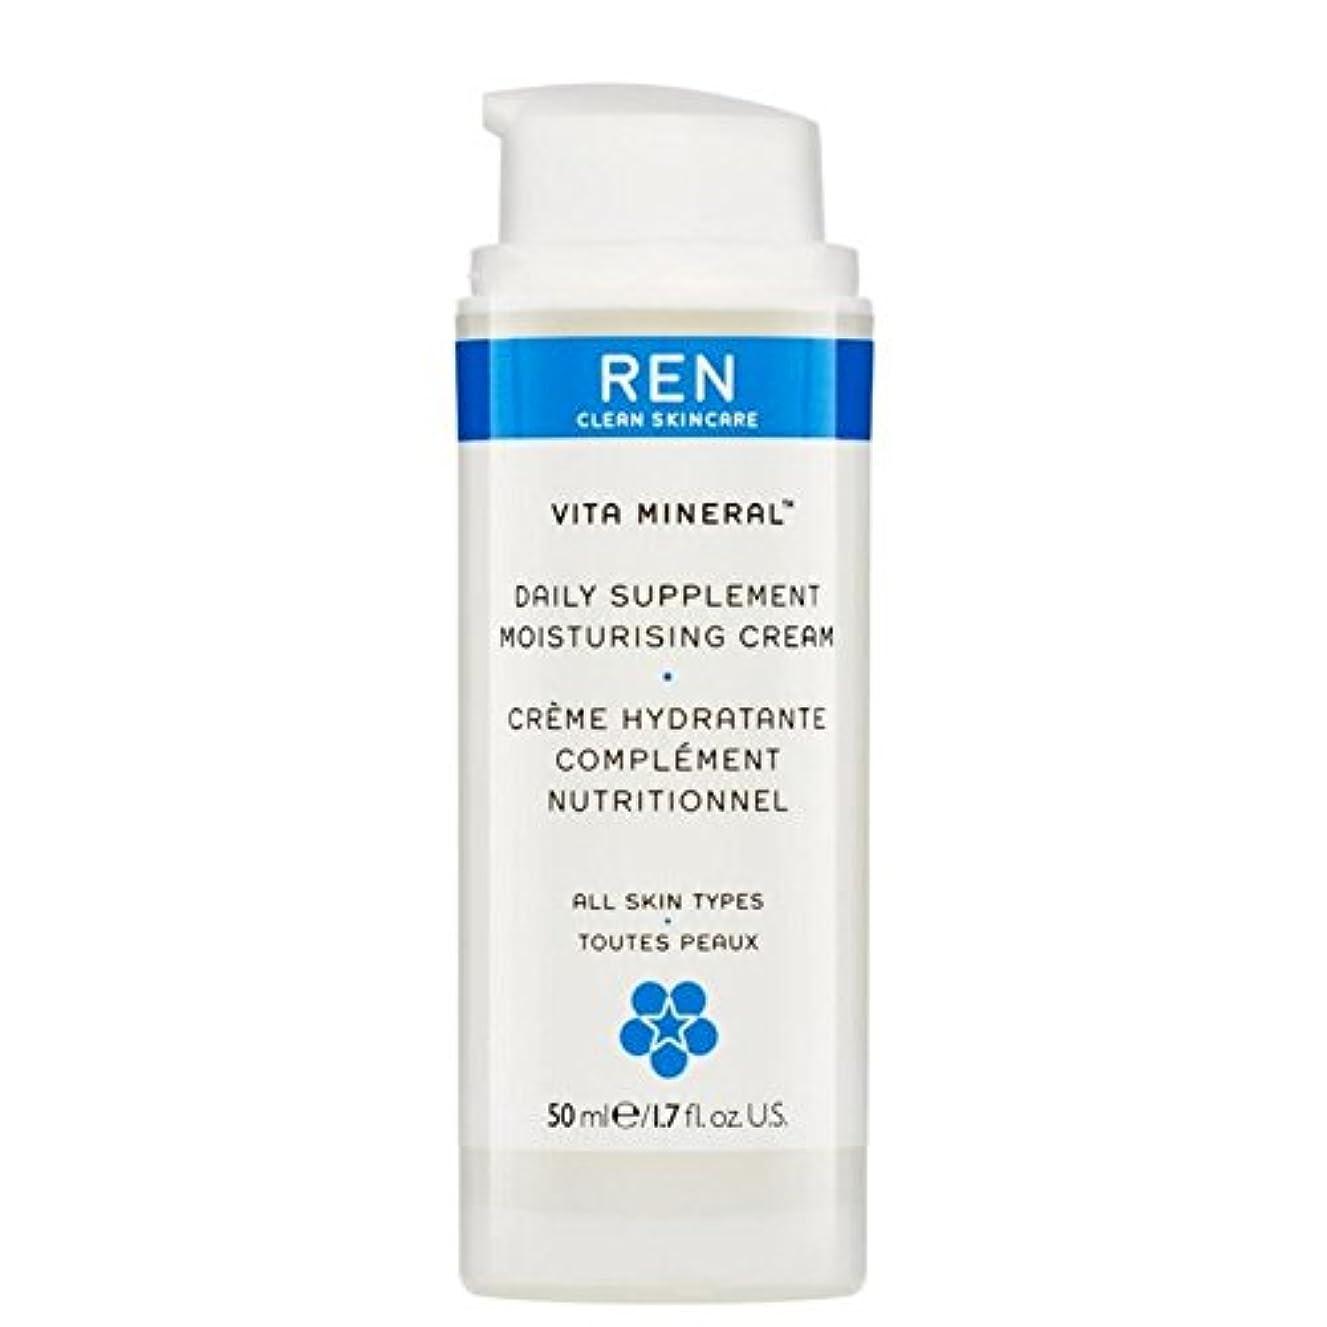 画面あなたはオークランドヴィータミネラル毎日サプリメント保湿クリーム x4 - REN Vita Mineral Daily Supplement Moisturising Cream (Pack of 4) [並行輸入品]